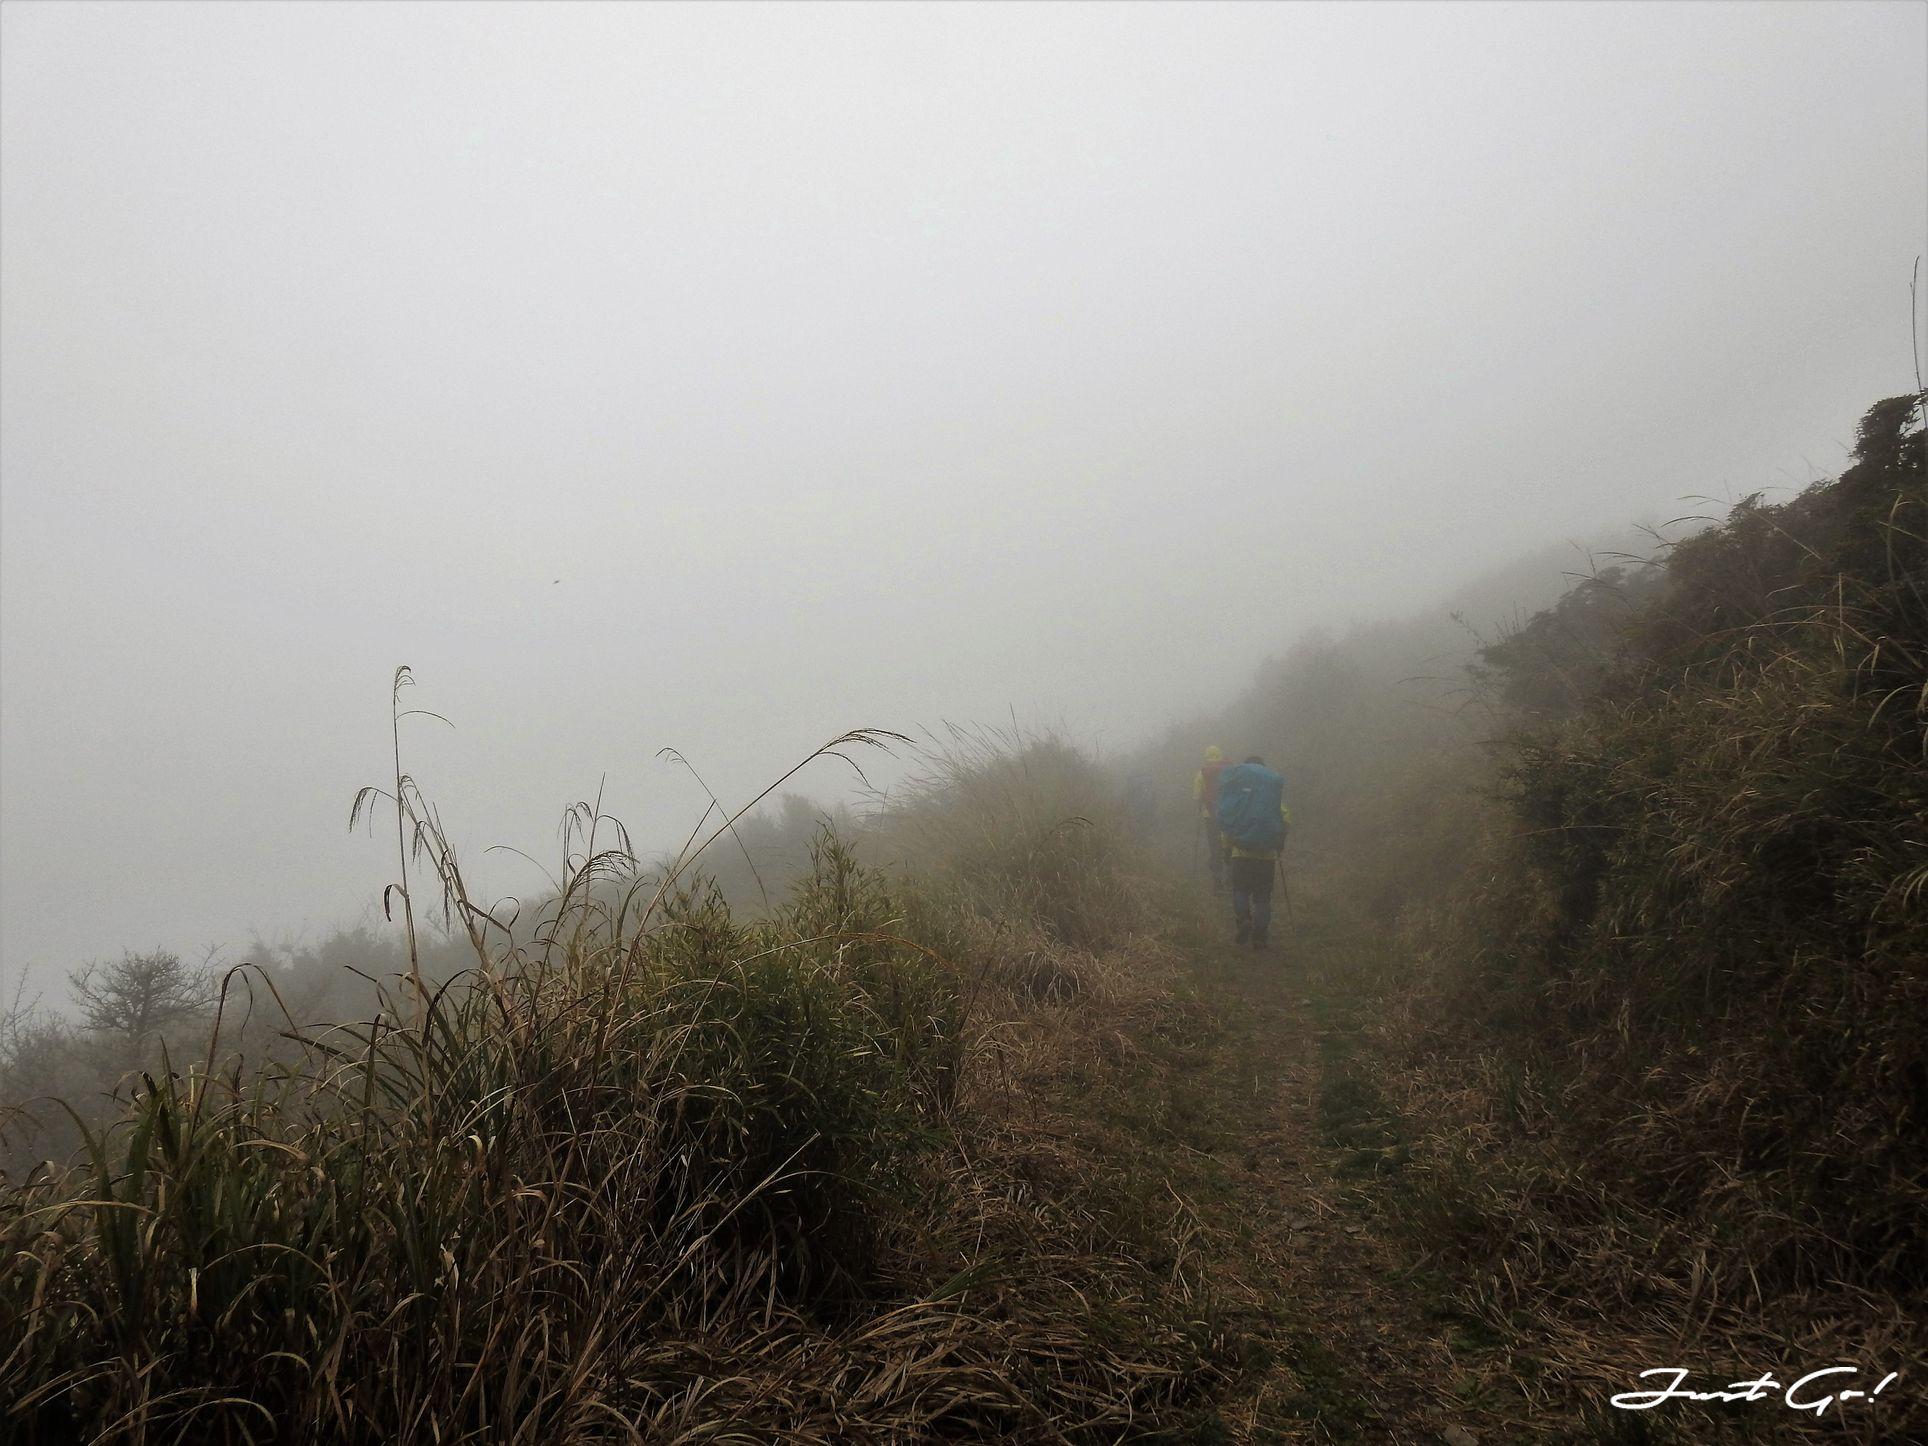 台灣 - 能高安東軍縱走自組隊-5日行程遊記、gpx路線、申請、水源4